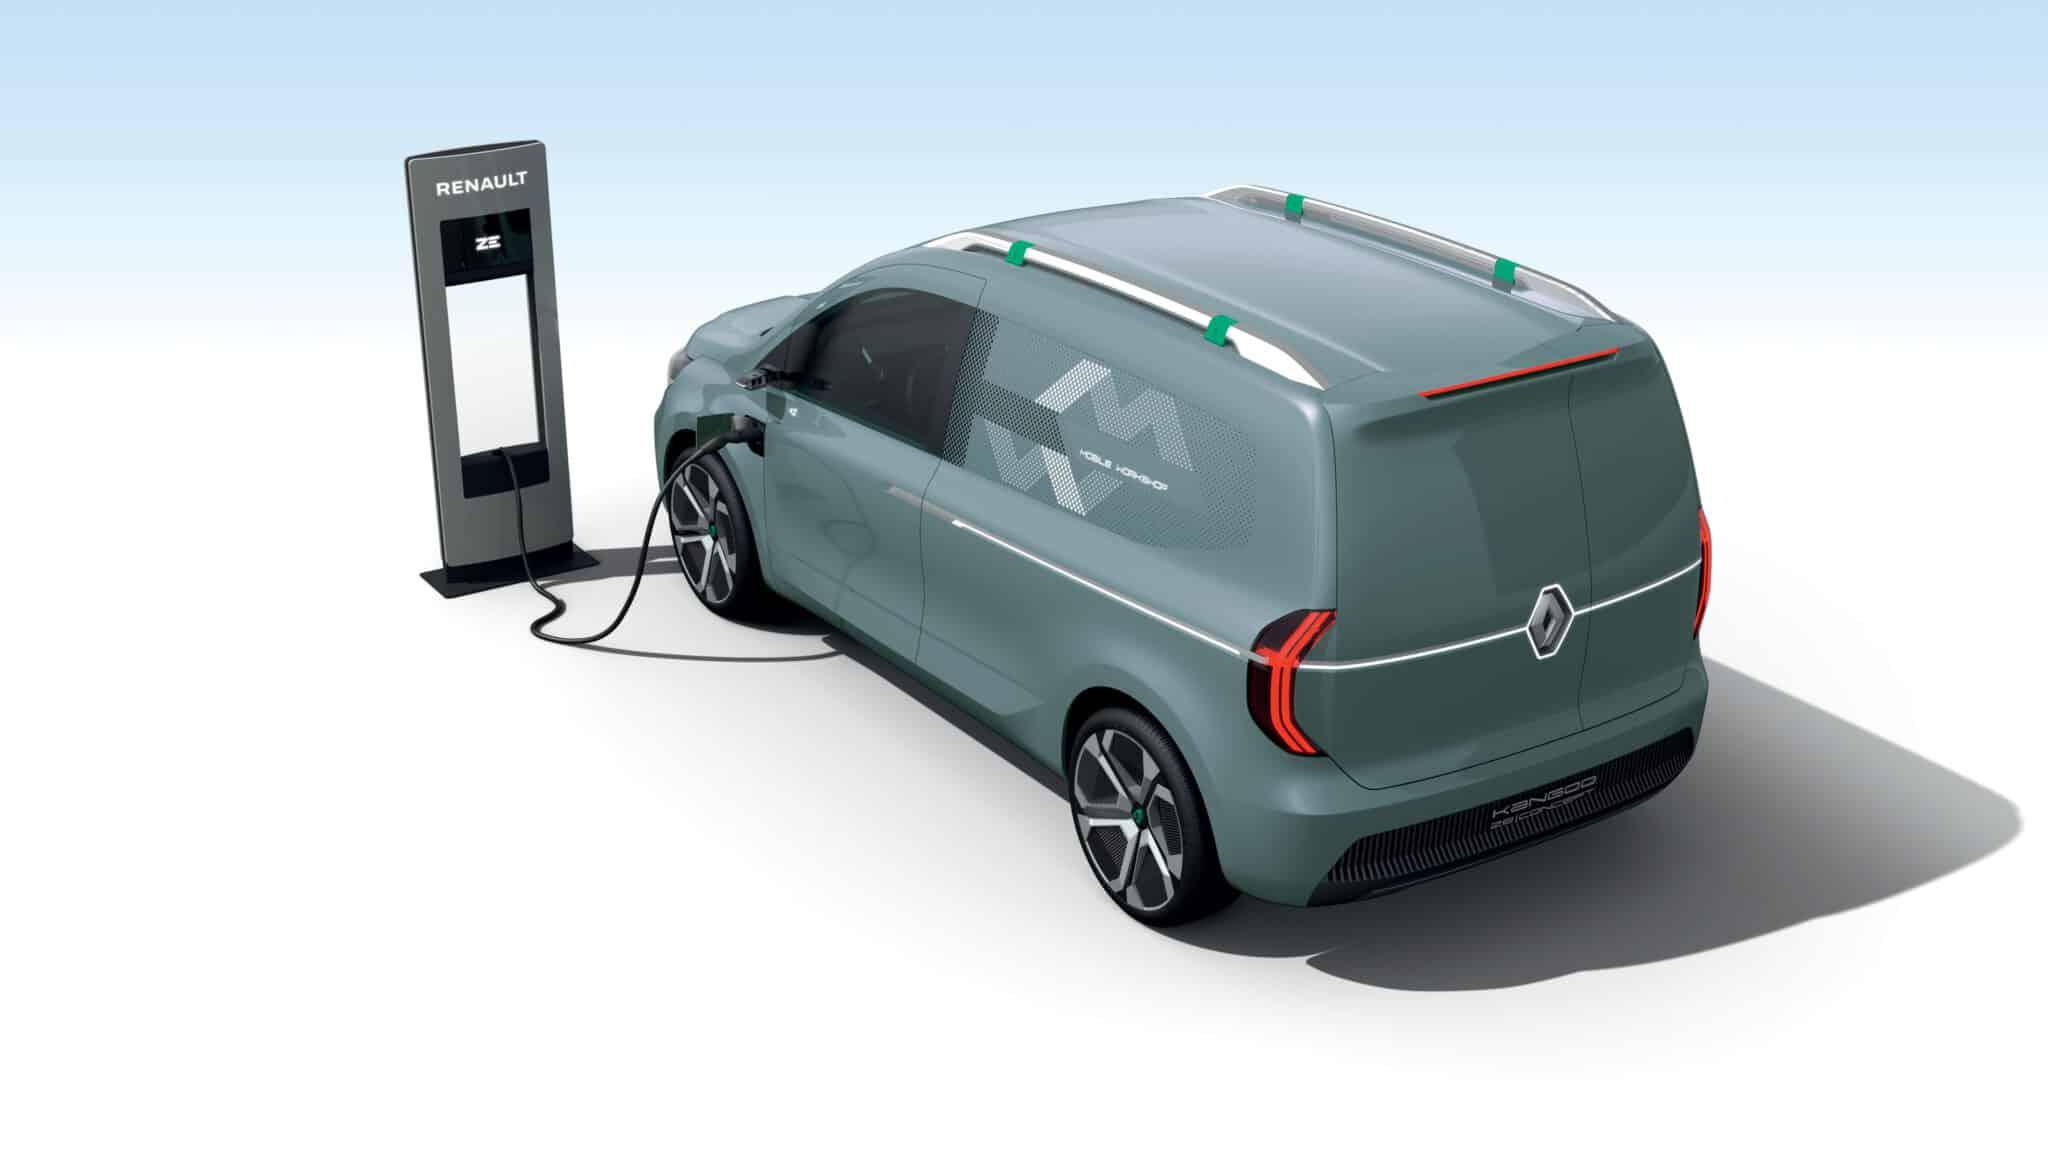 Renault aktualisiert seine Transportpalette » 20649 125427 R DAM 1025471